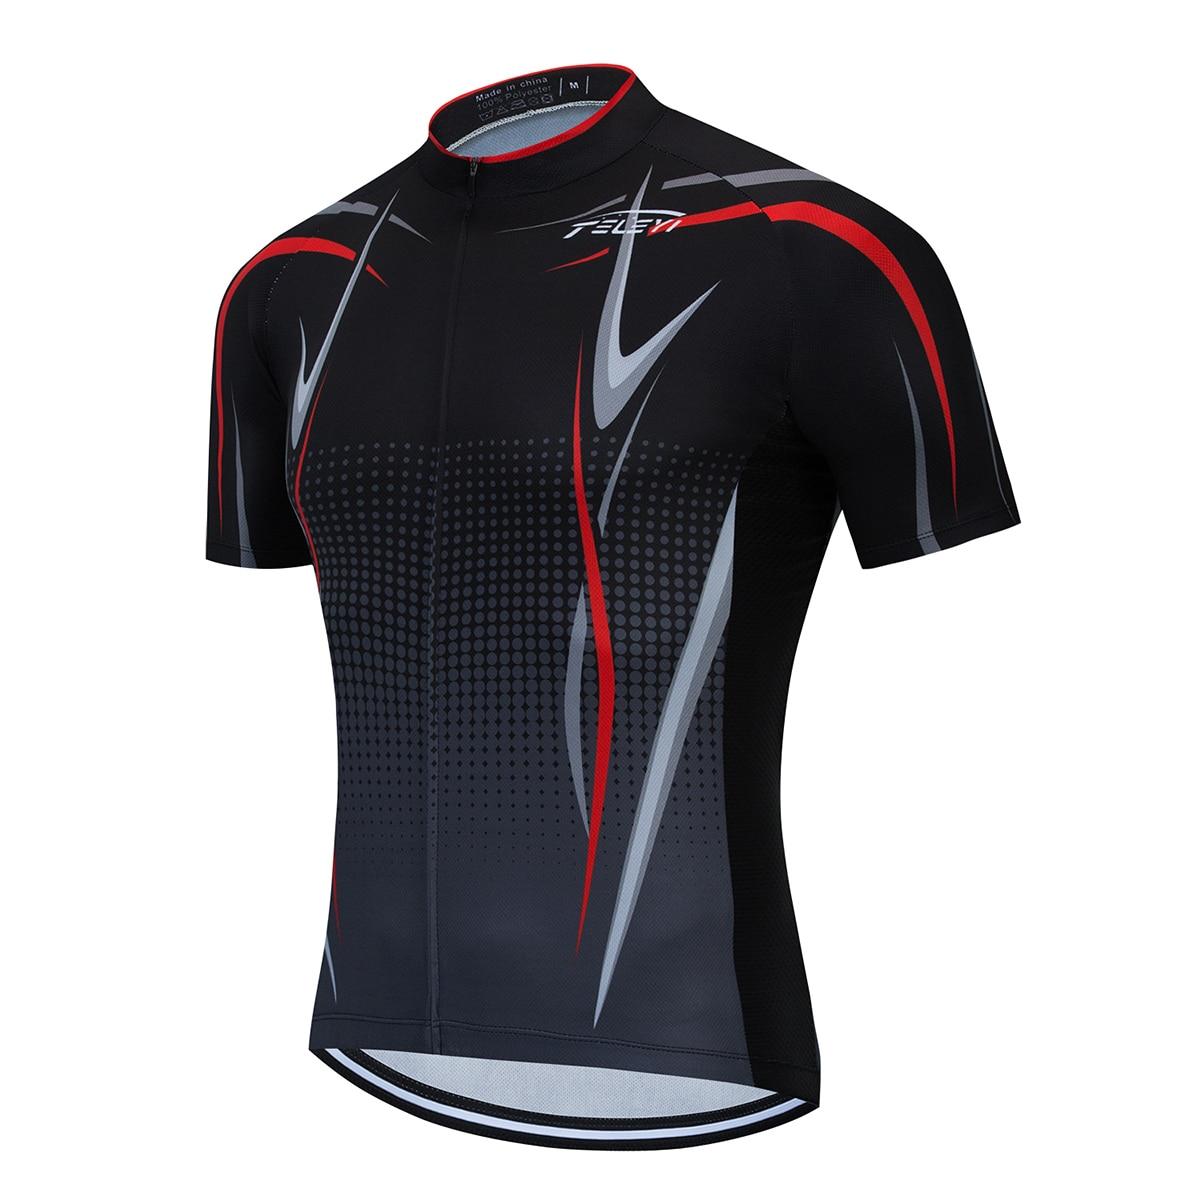 Camiseta RCC SKY 2020 clásica de manga corta para hombre, camiseta de Ciclismo, uniforme Mtb, Ropa de Ciclismo, Ropa de Ciclismo